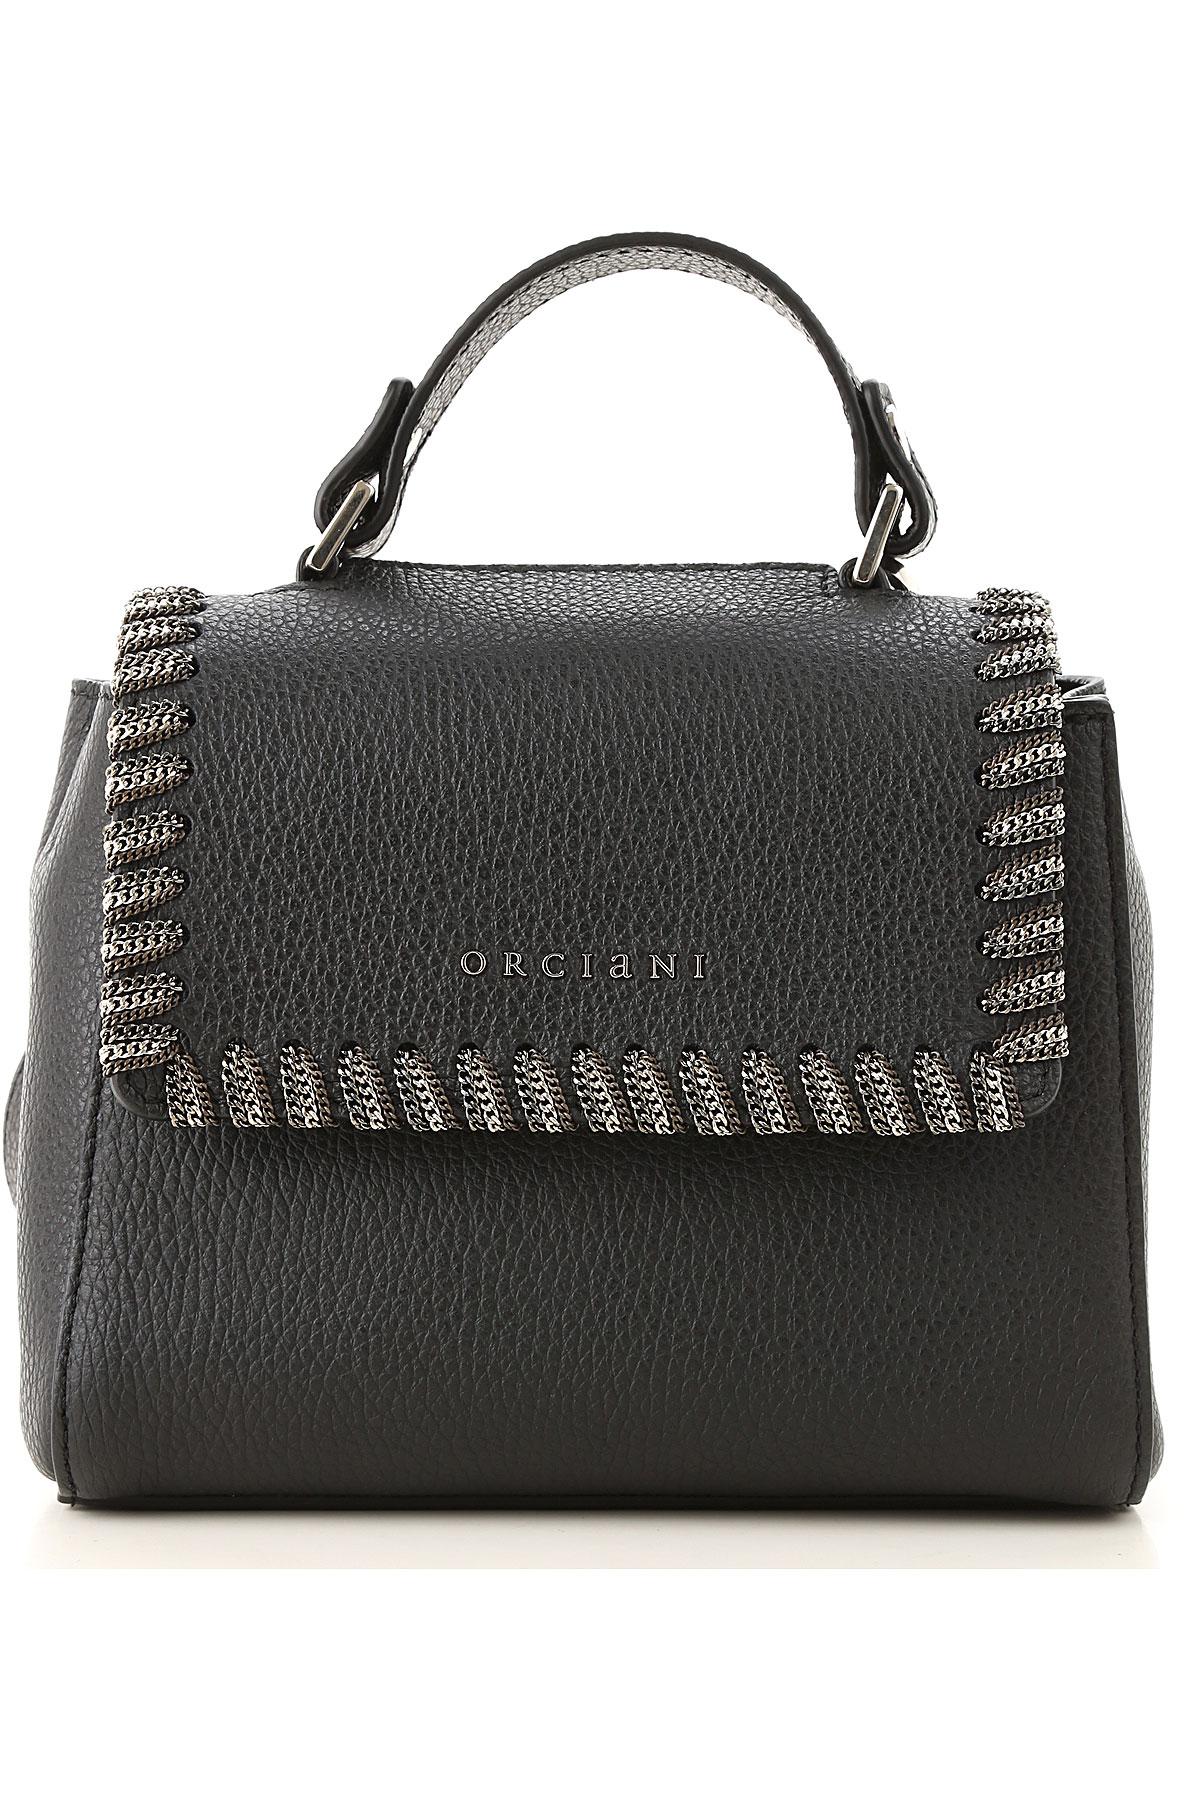 Orciani Shoulder Bag for Women On Sale, Black, Leather, 2019